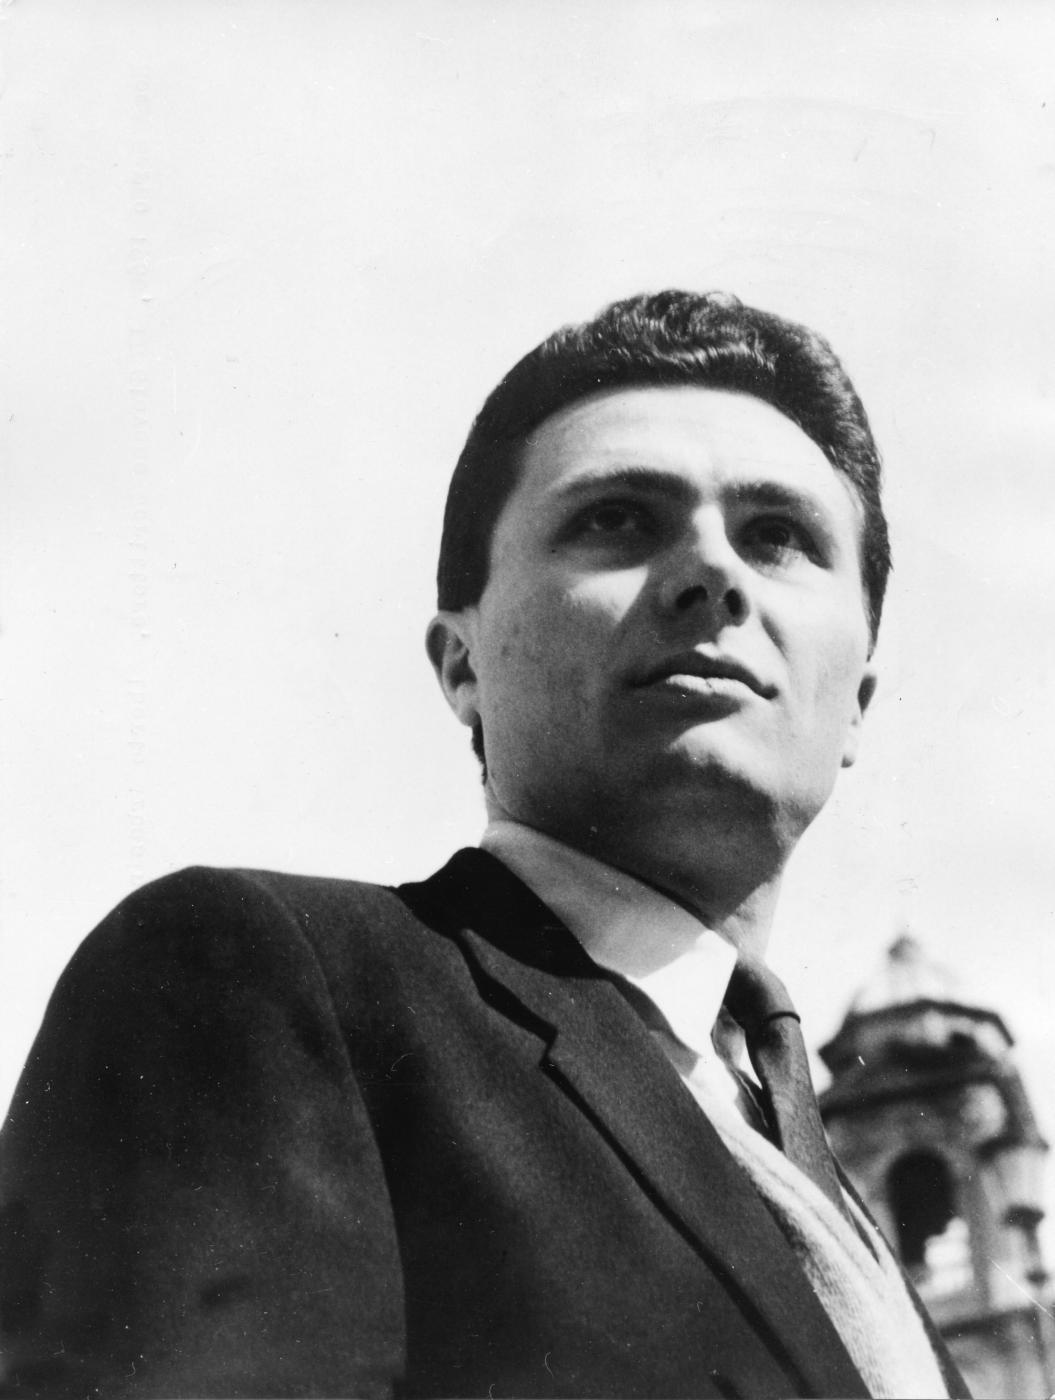 Morto a 90 anni Alberto Arbasino